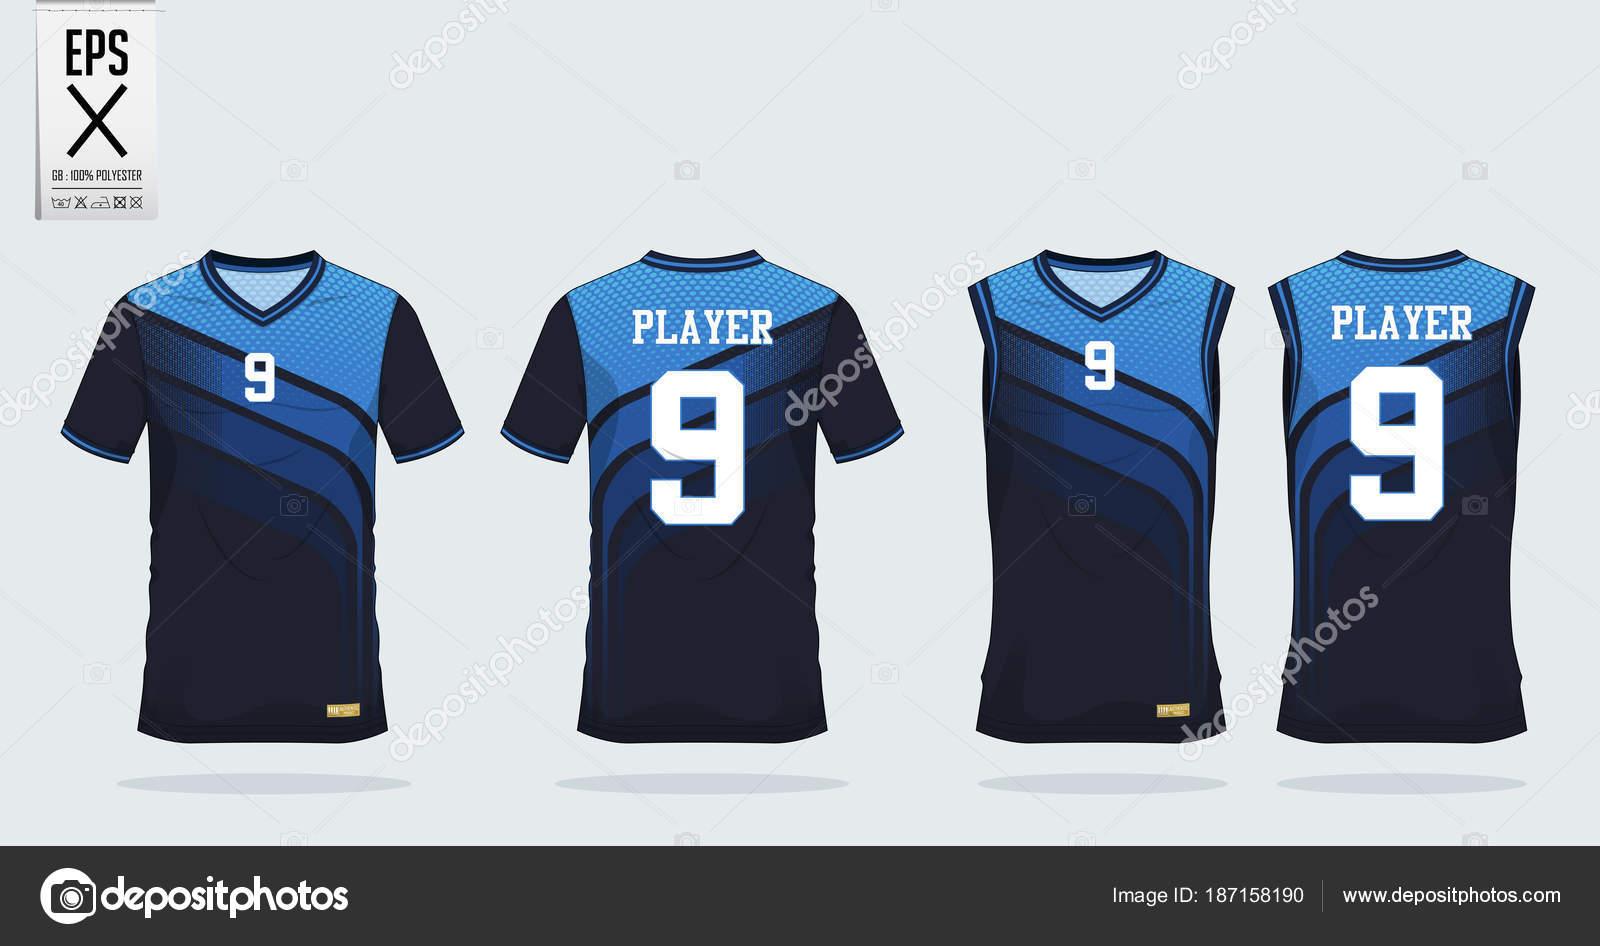 57d9e5e63 3 Shade of Blue t-shirt sport design template for soccer jersey ...